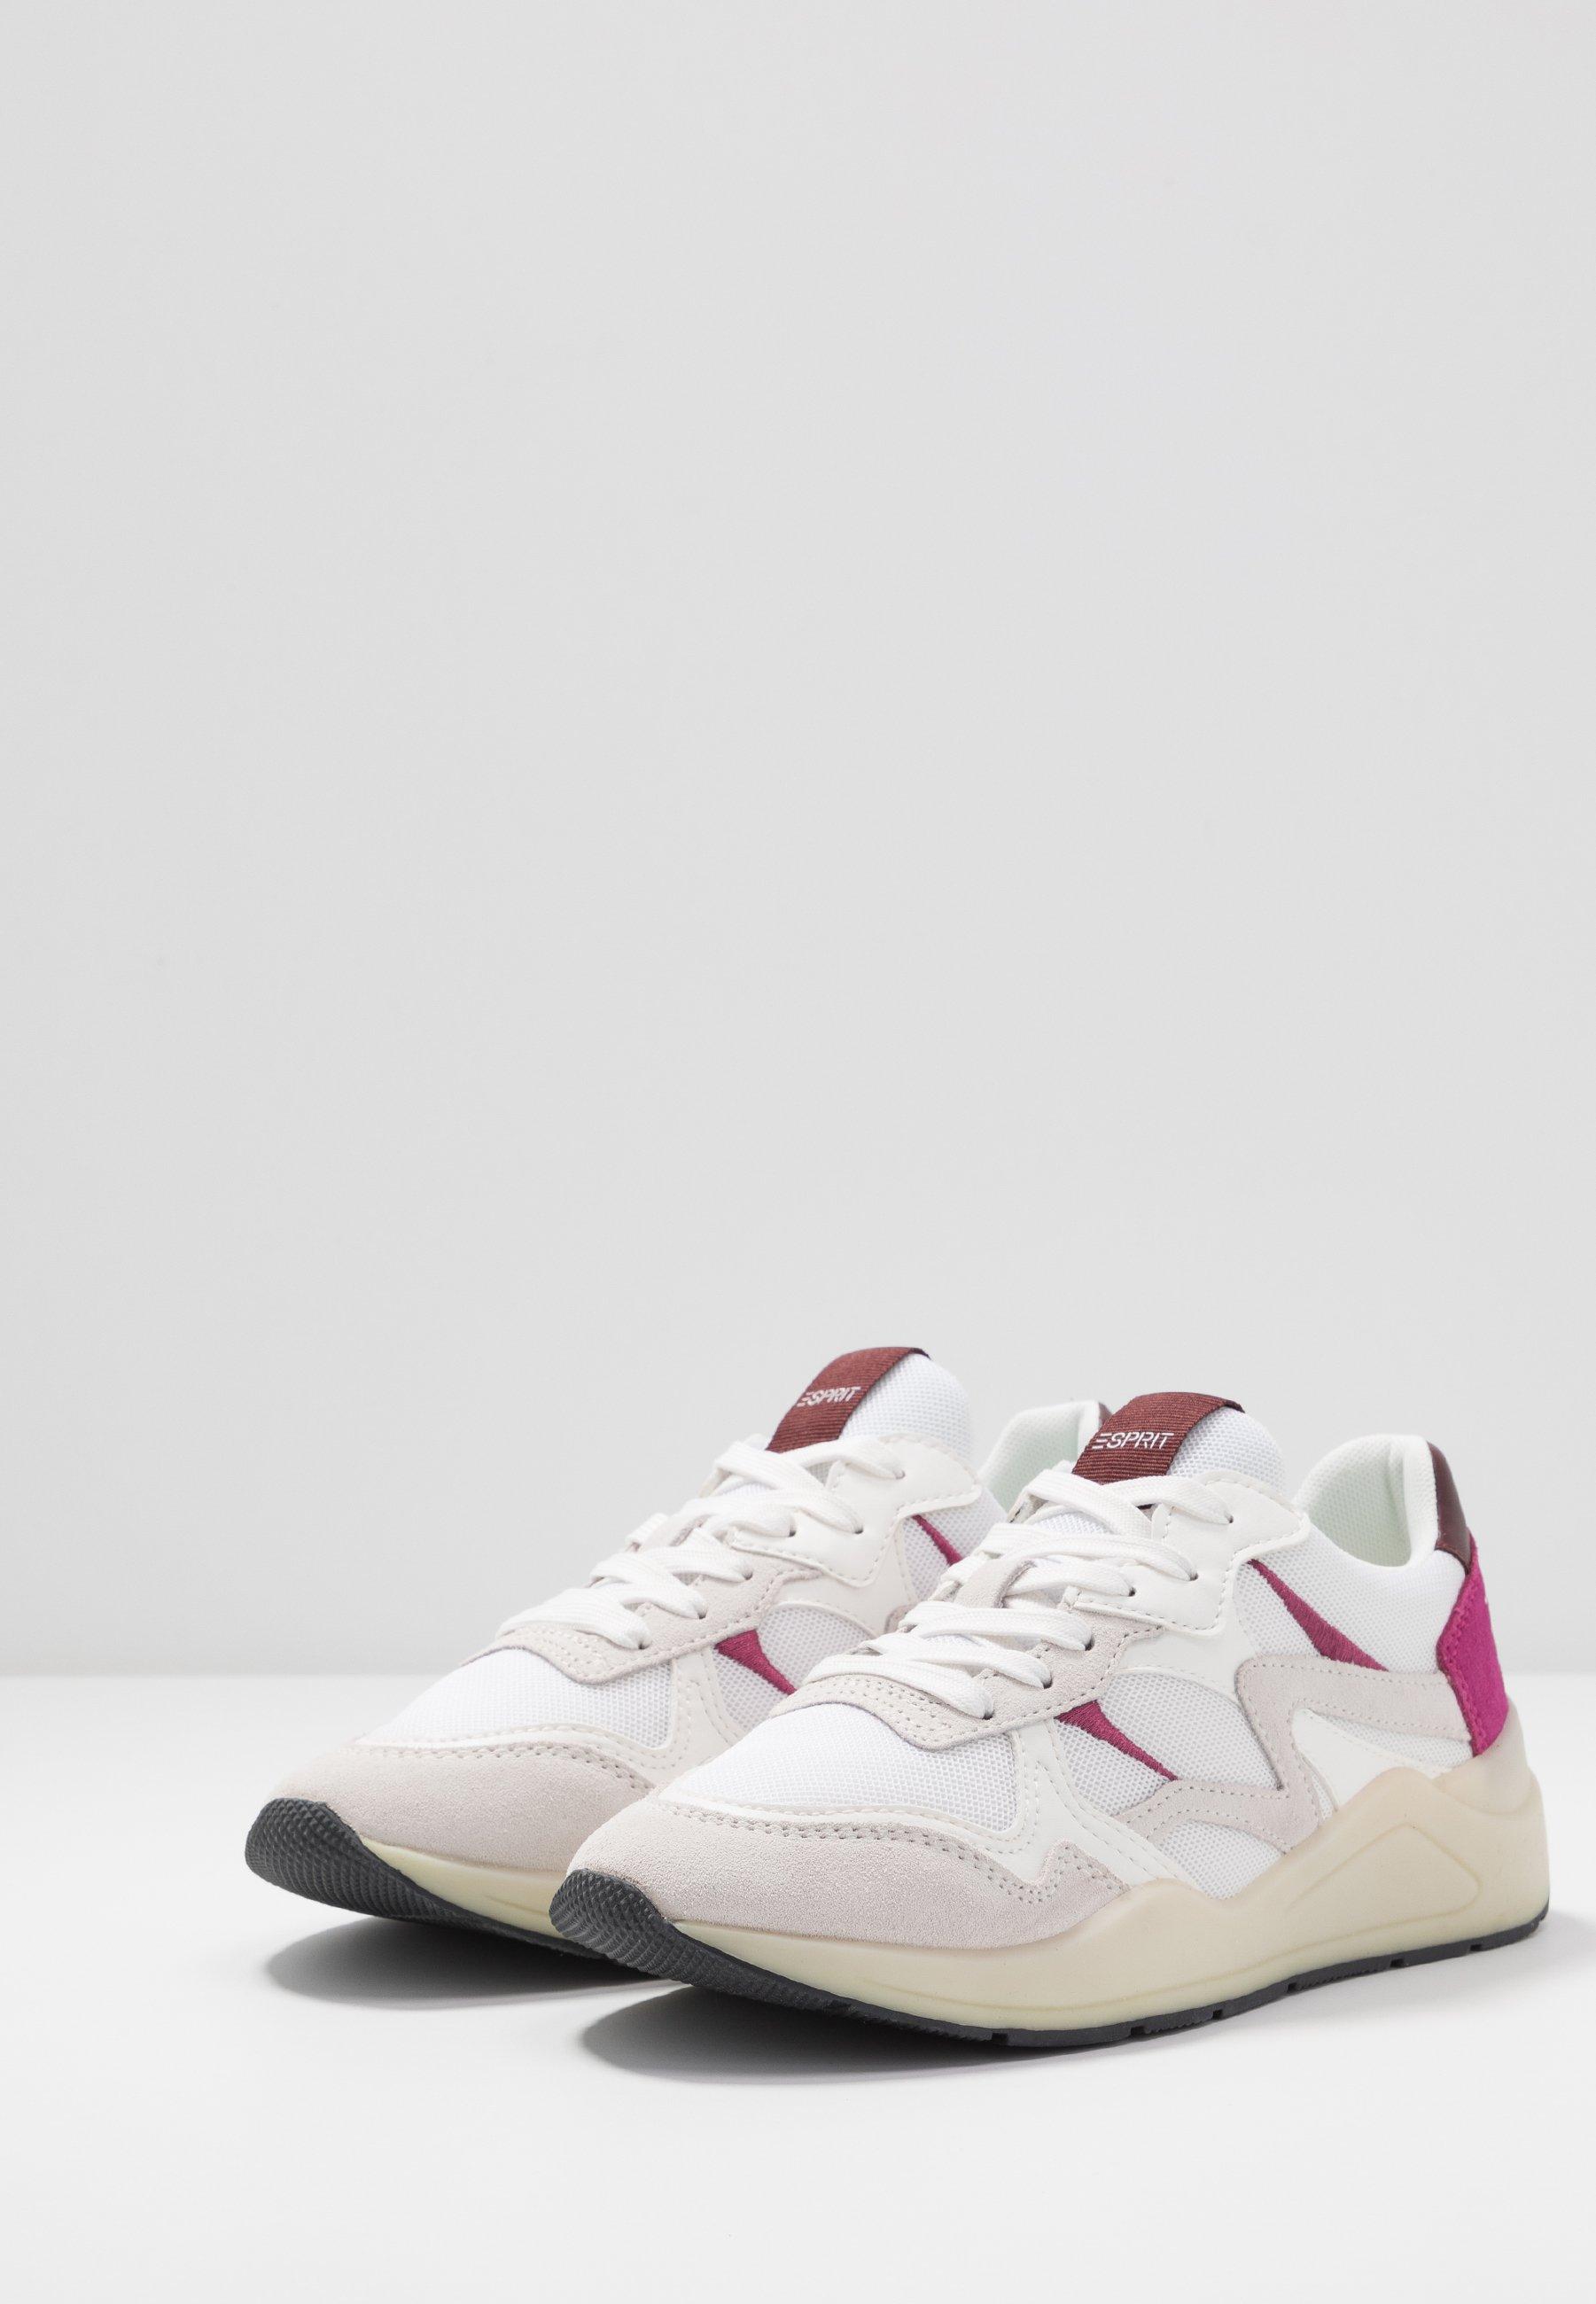 Esprit RURY - Baskets basses - white - Sneakers femme Qualité